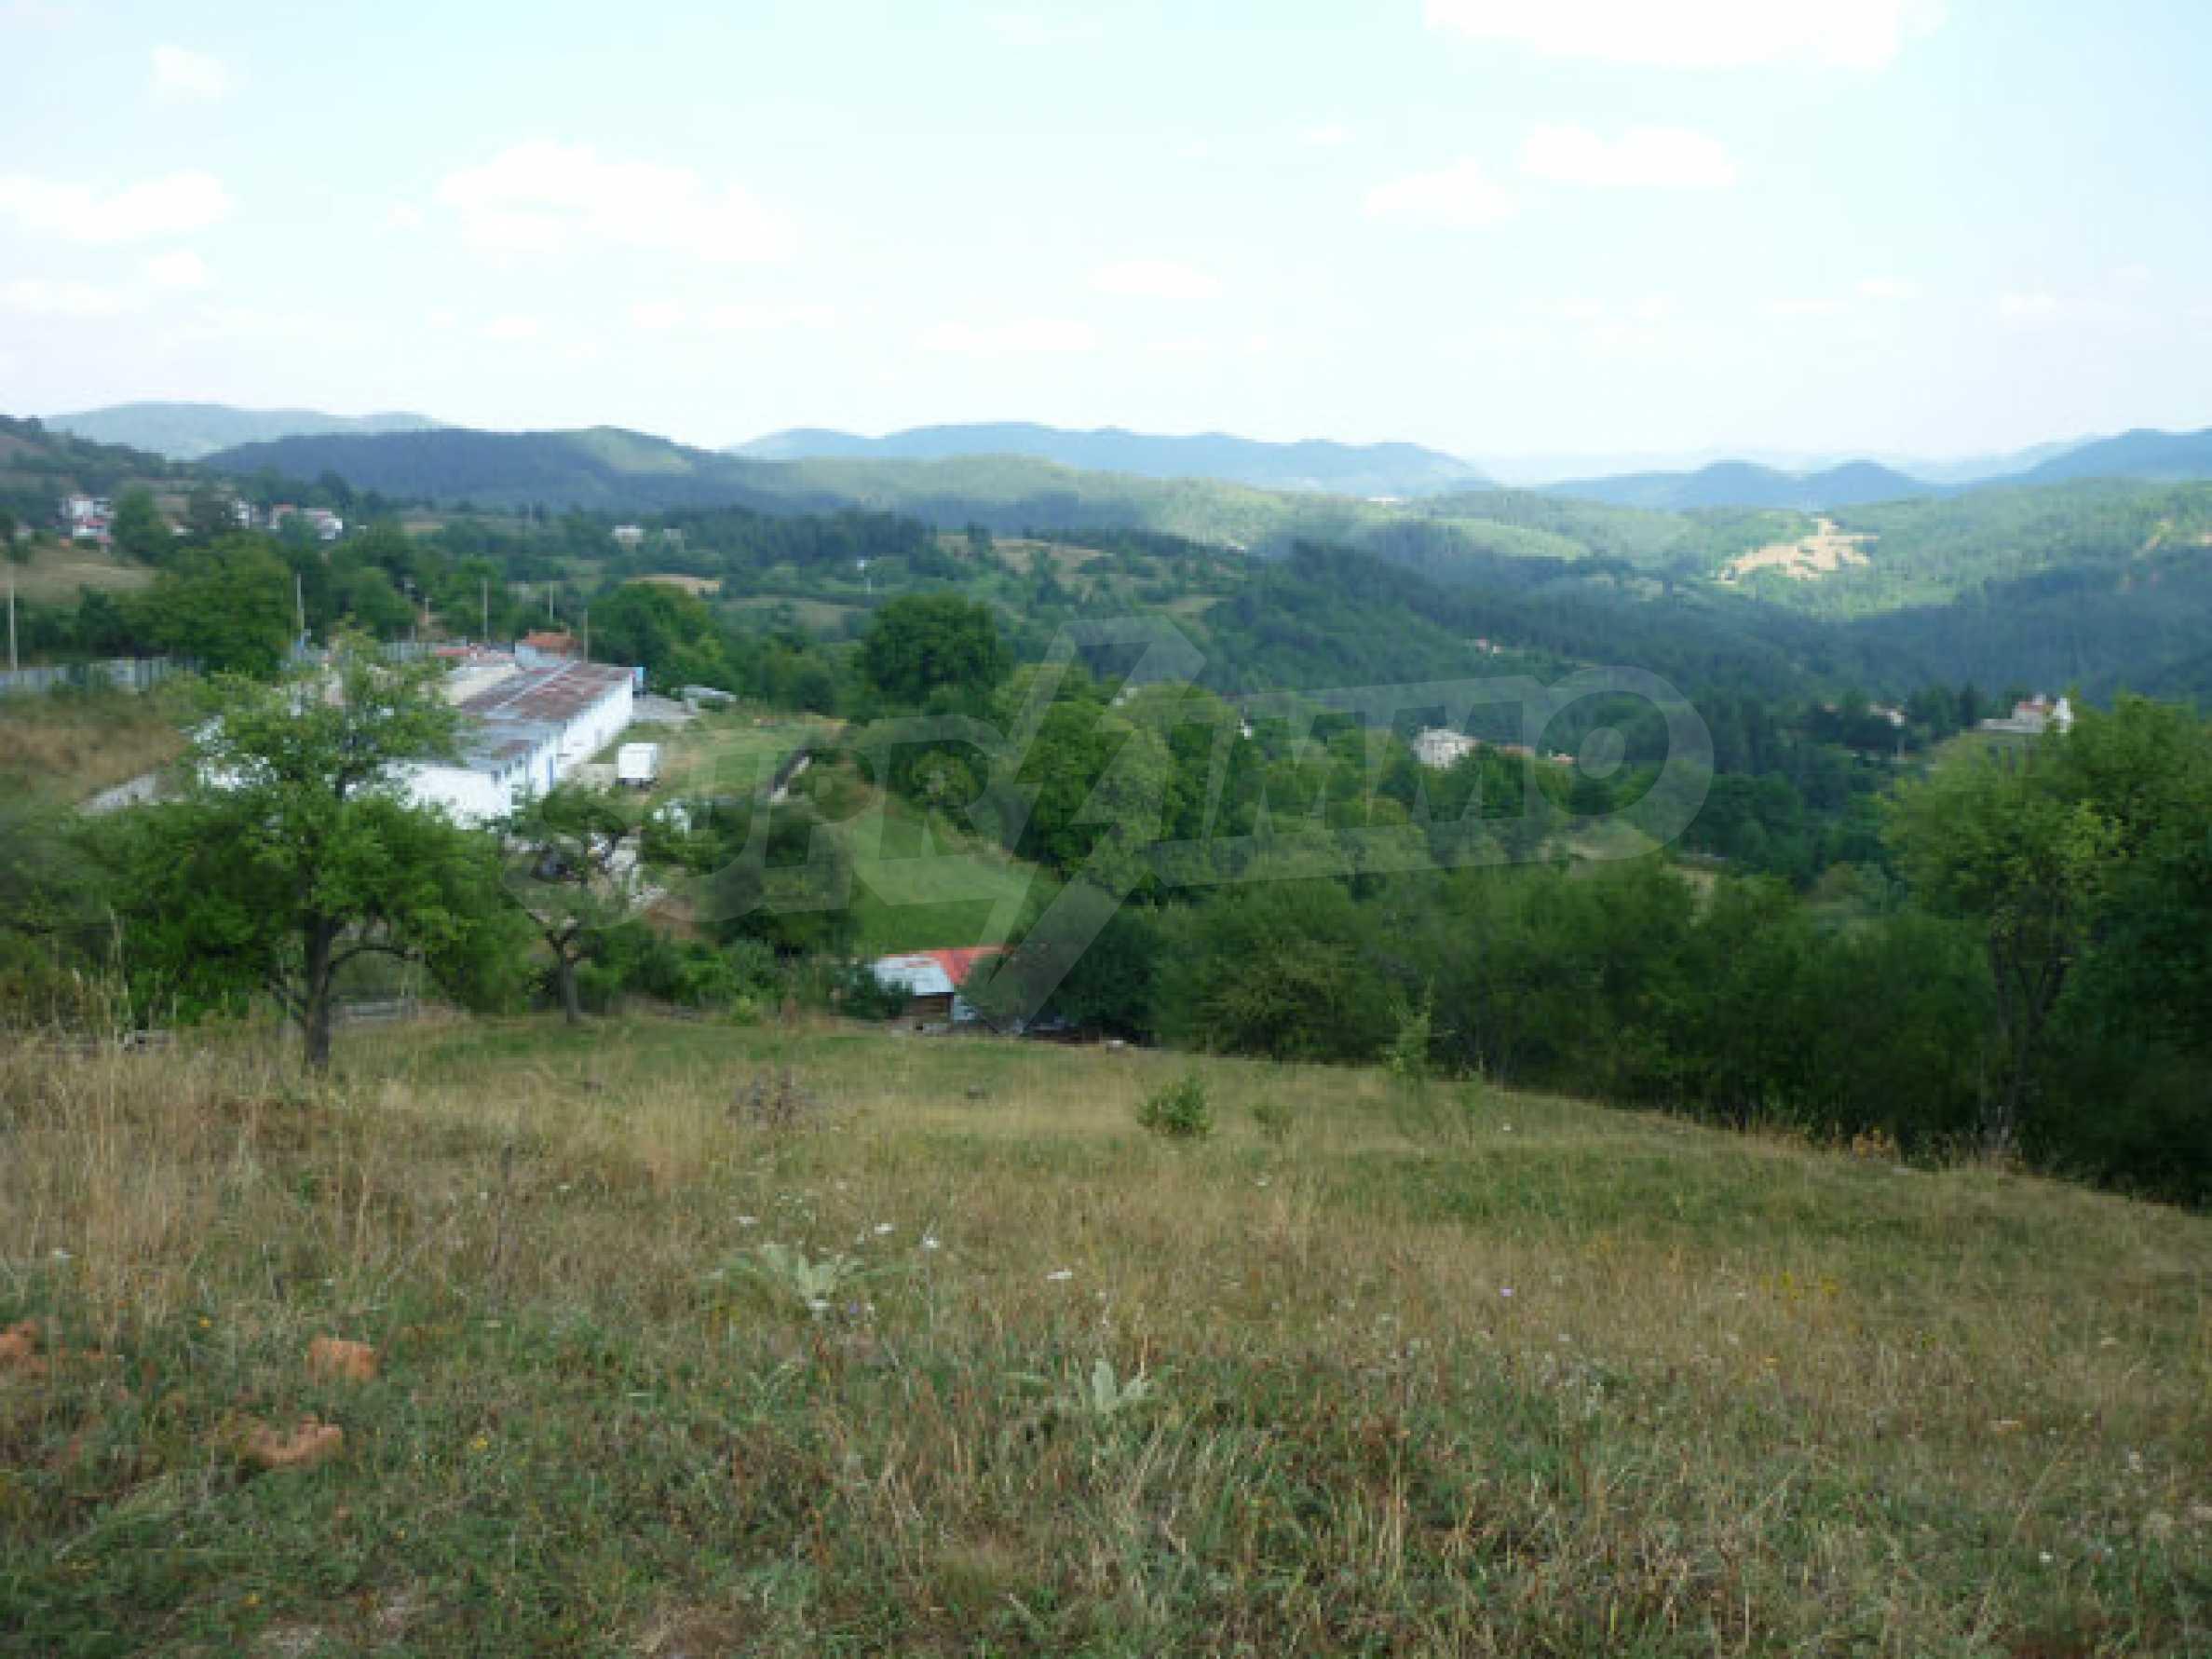 Großes reguliertes Baugrundstück 15 km vom Kurort Smolyan entfernt 5